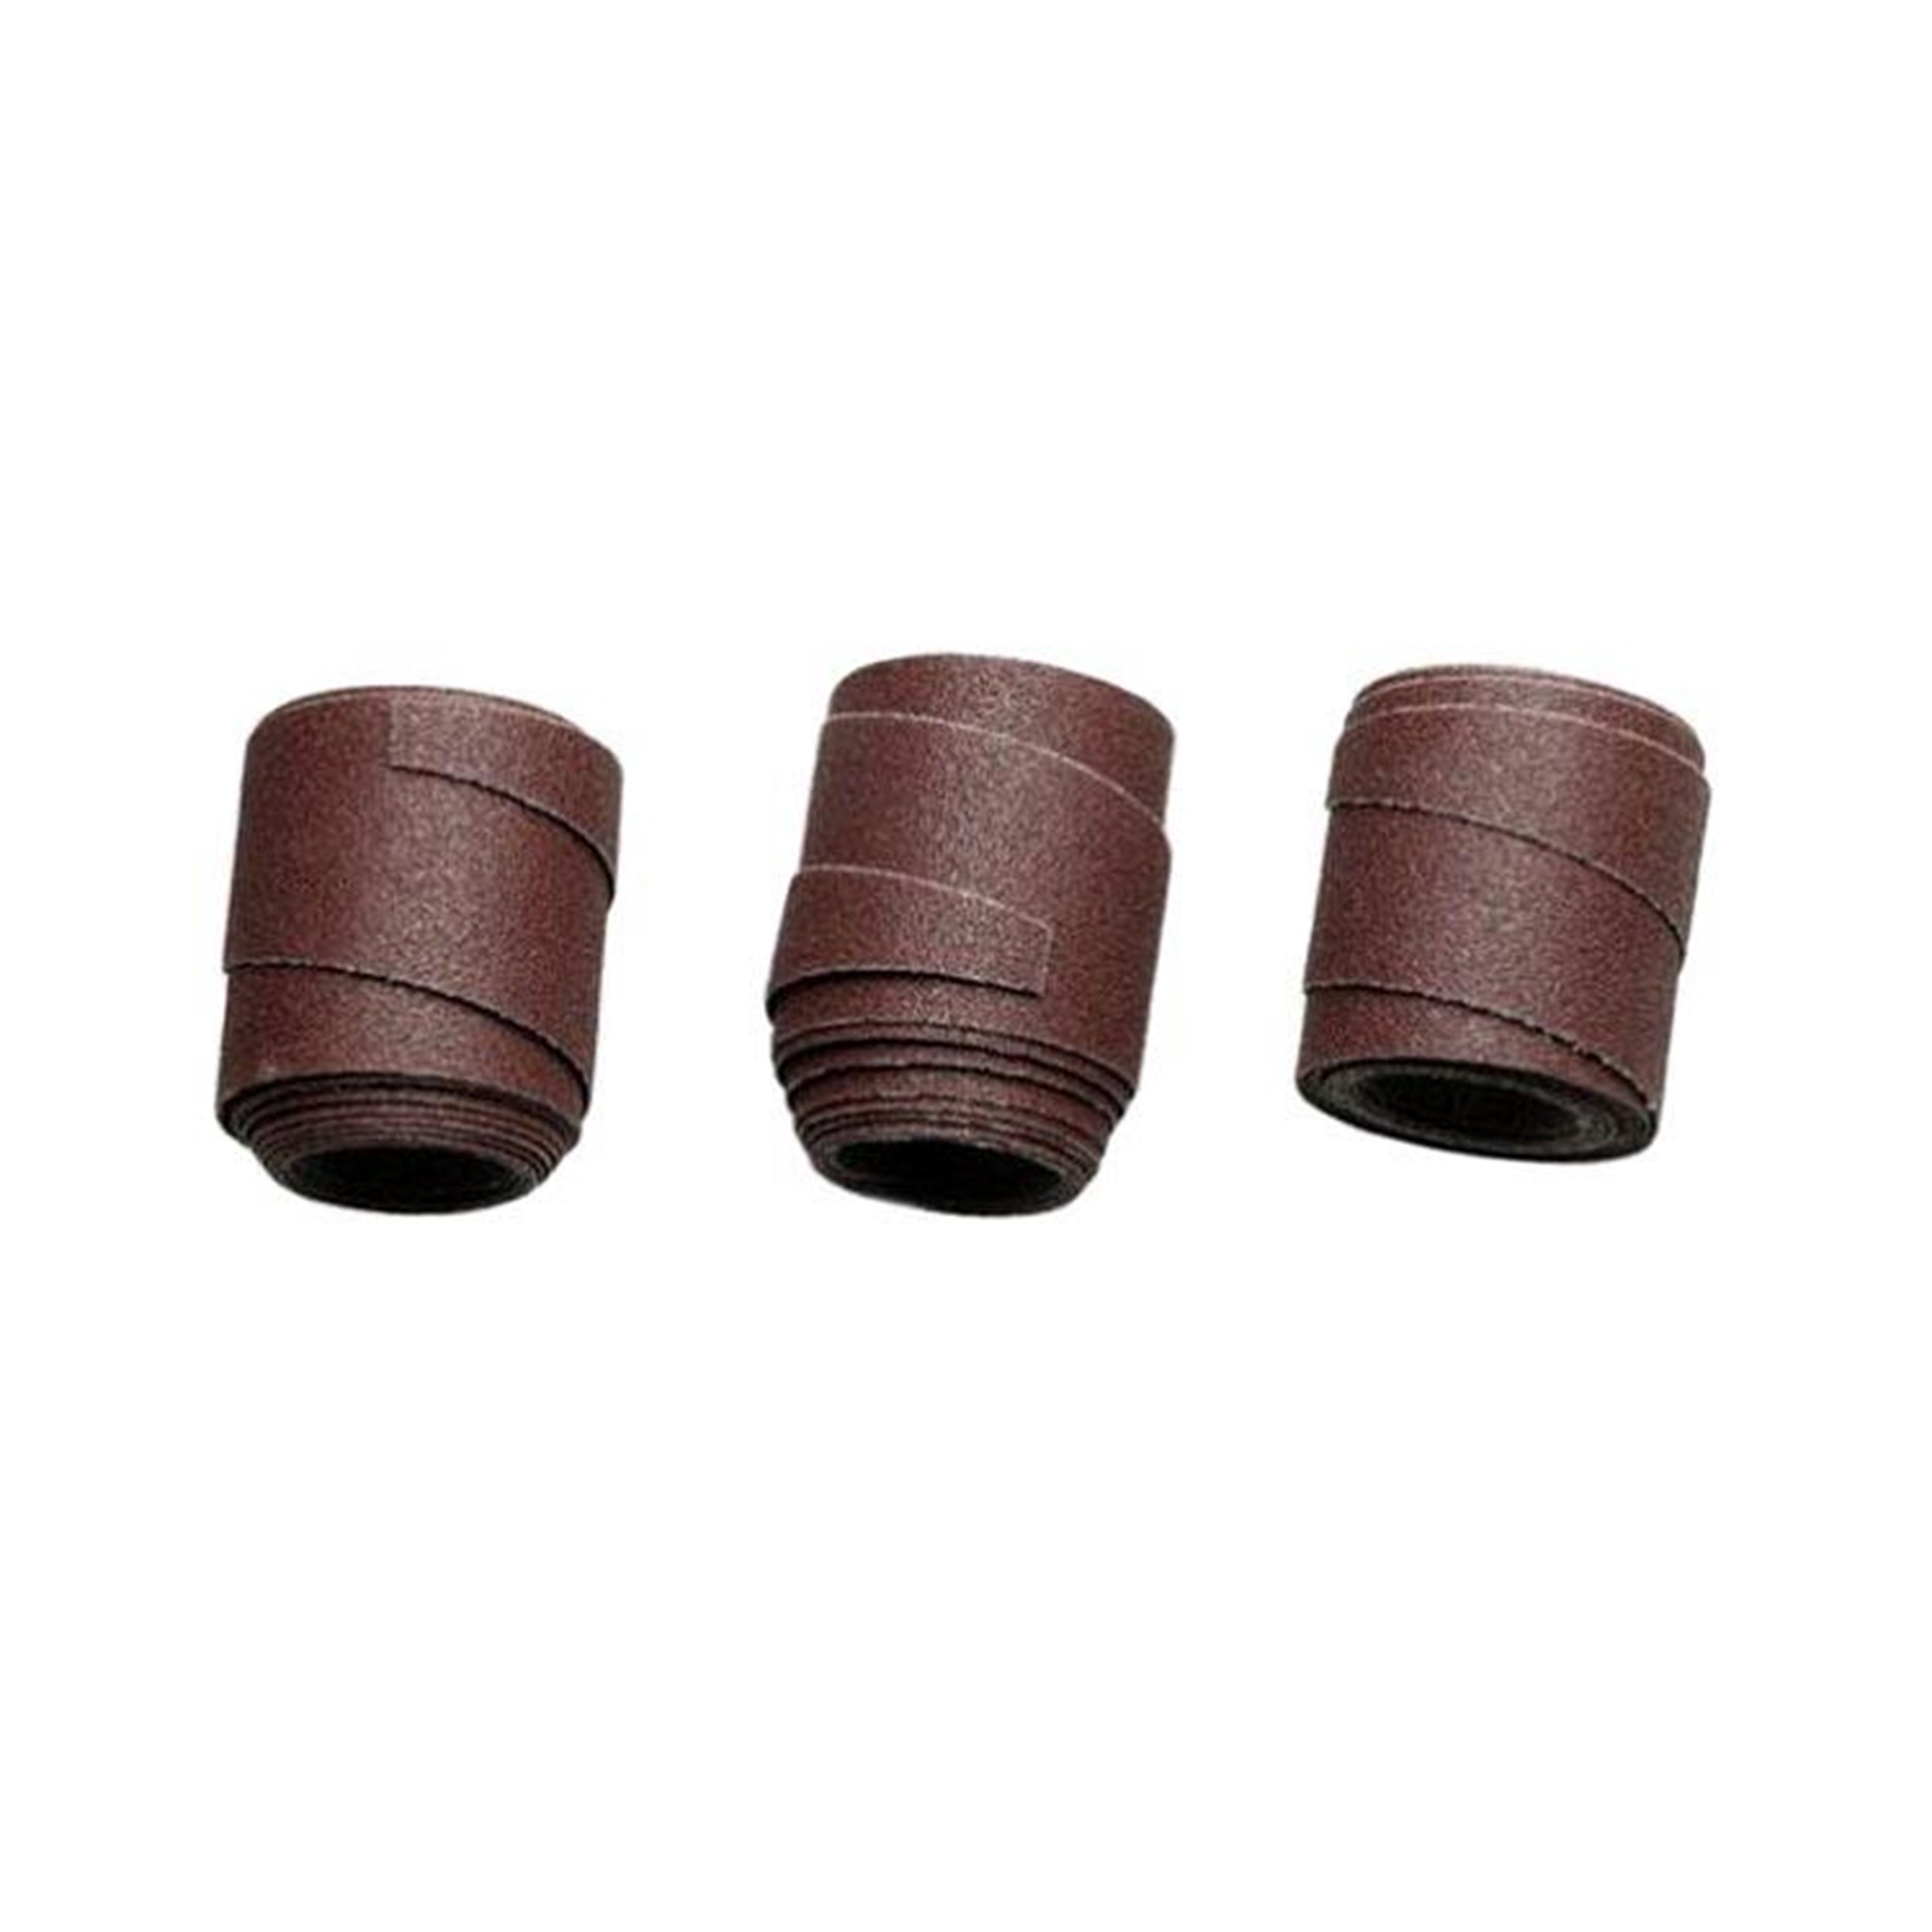 SuperMax 60 Grit Pre-Cut Abrasive Wraps for 22-44 Sanders